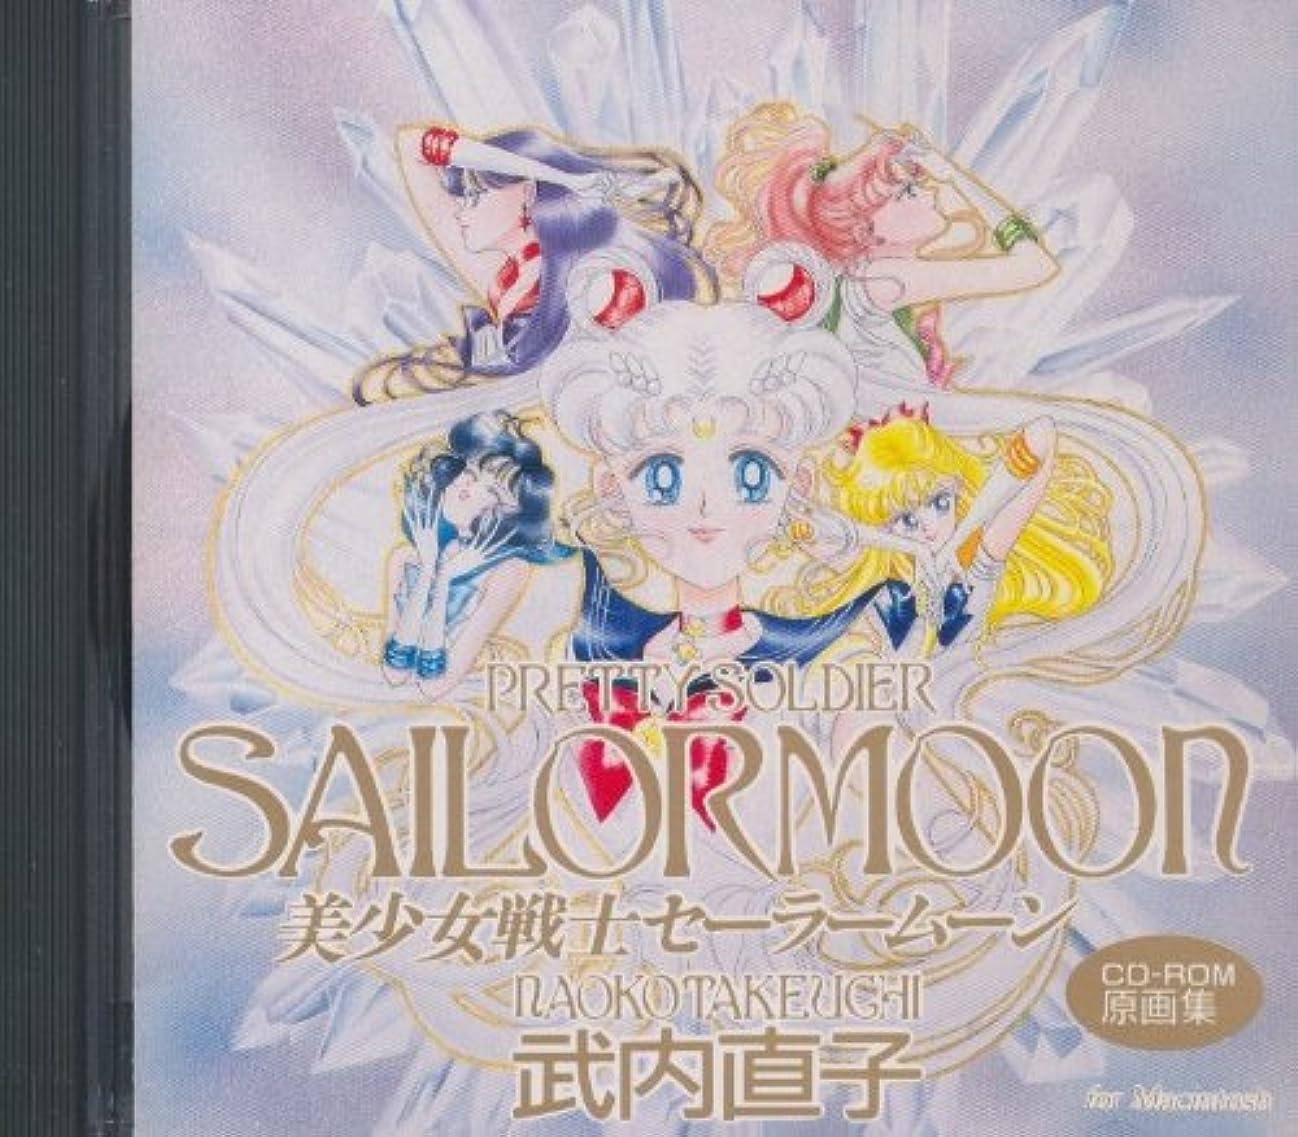 葉を拾う帝国主義エコー美少女戦士セーラームーン CD-ROM原画集 for Macintosh